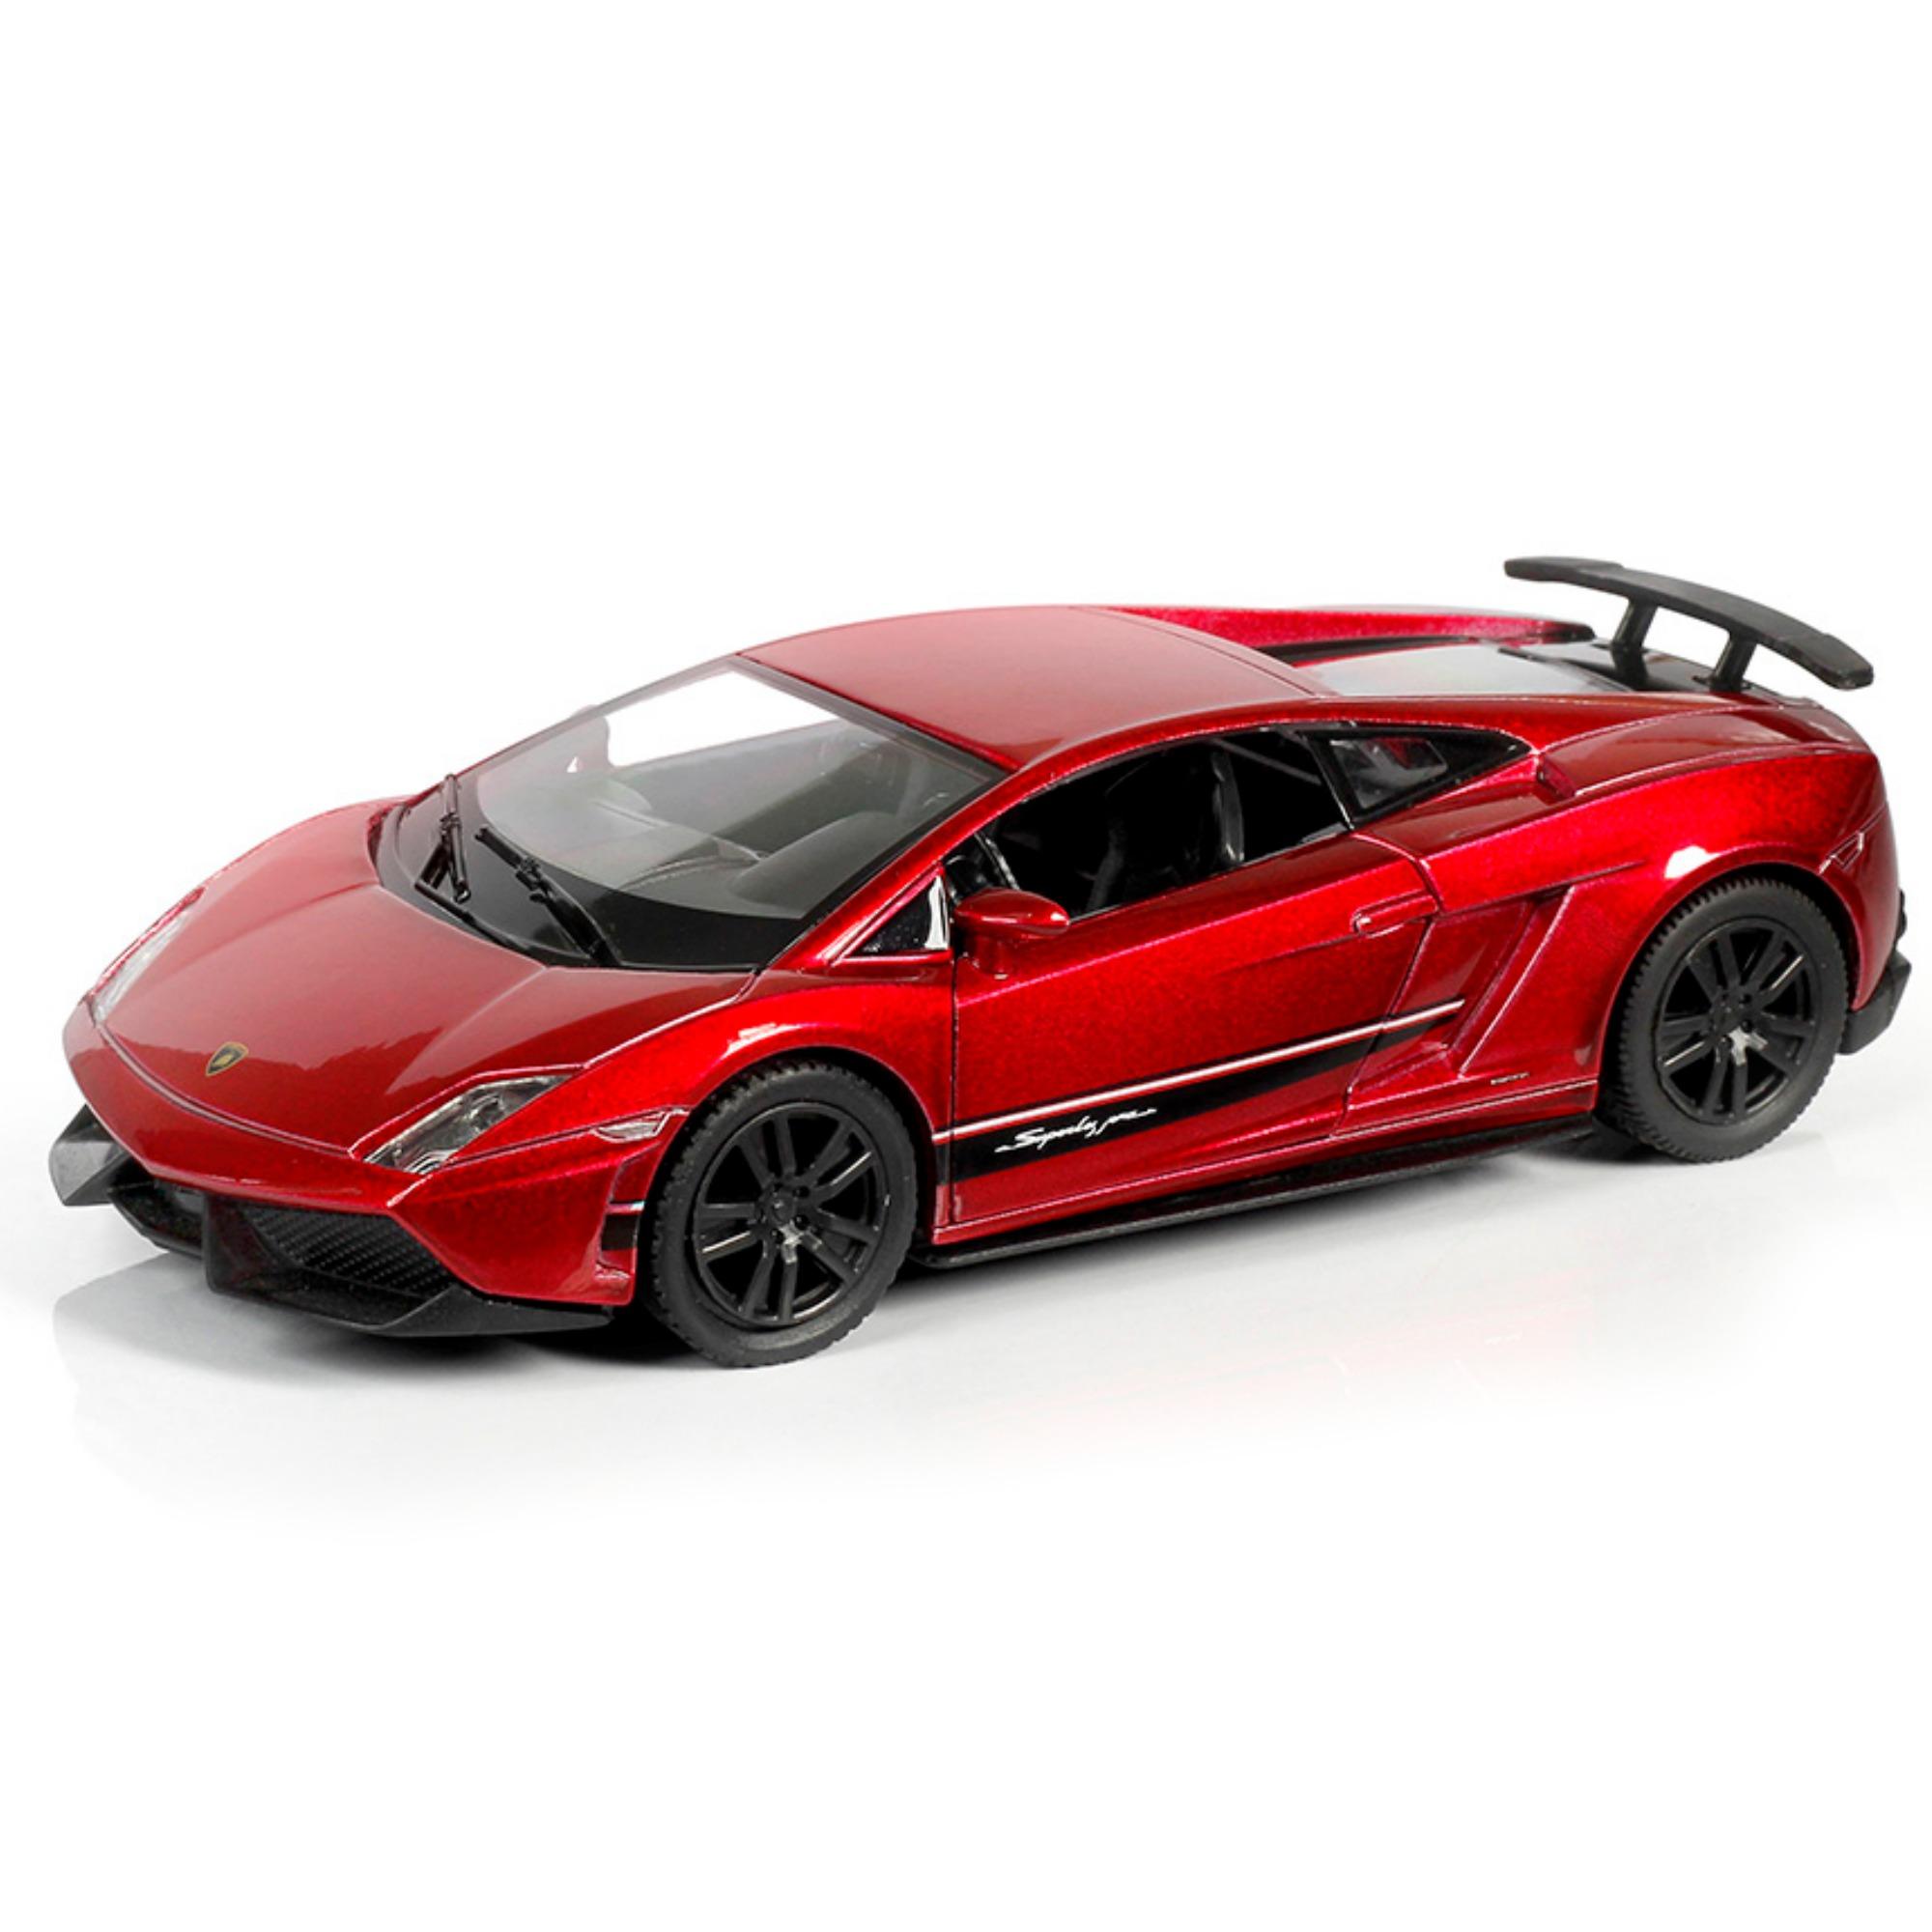 Металлическая инерционная машина RMZ City - Lamborghini Gallardo Superleggera, 1:32, красный металликLamborghini<br>Металлическая инерционная машина RMZ City - Lamborghini Gallardo Superleggera, 1:32, красный металлик<br>